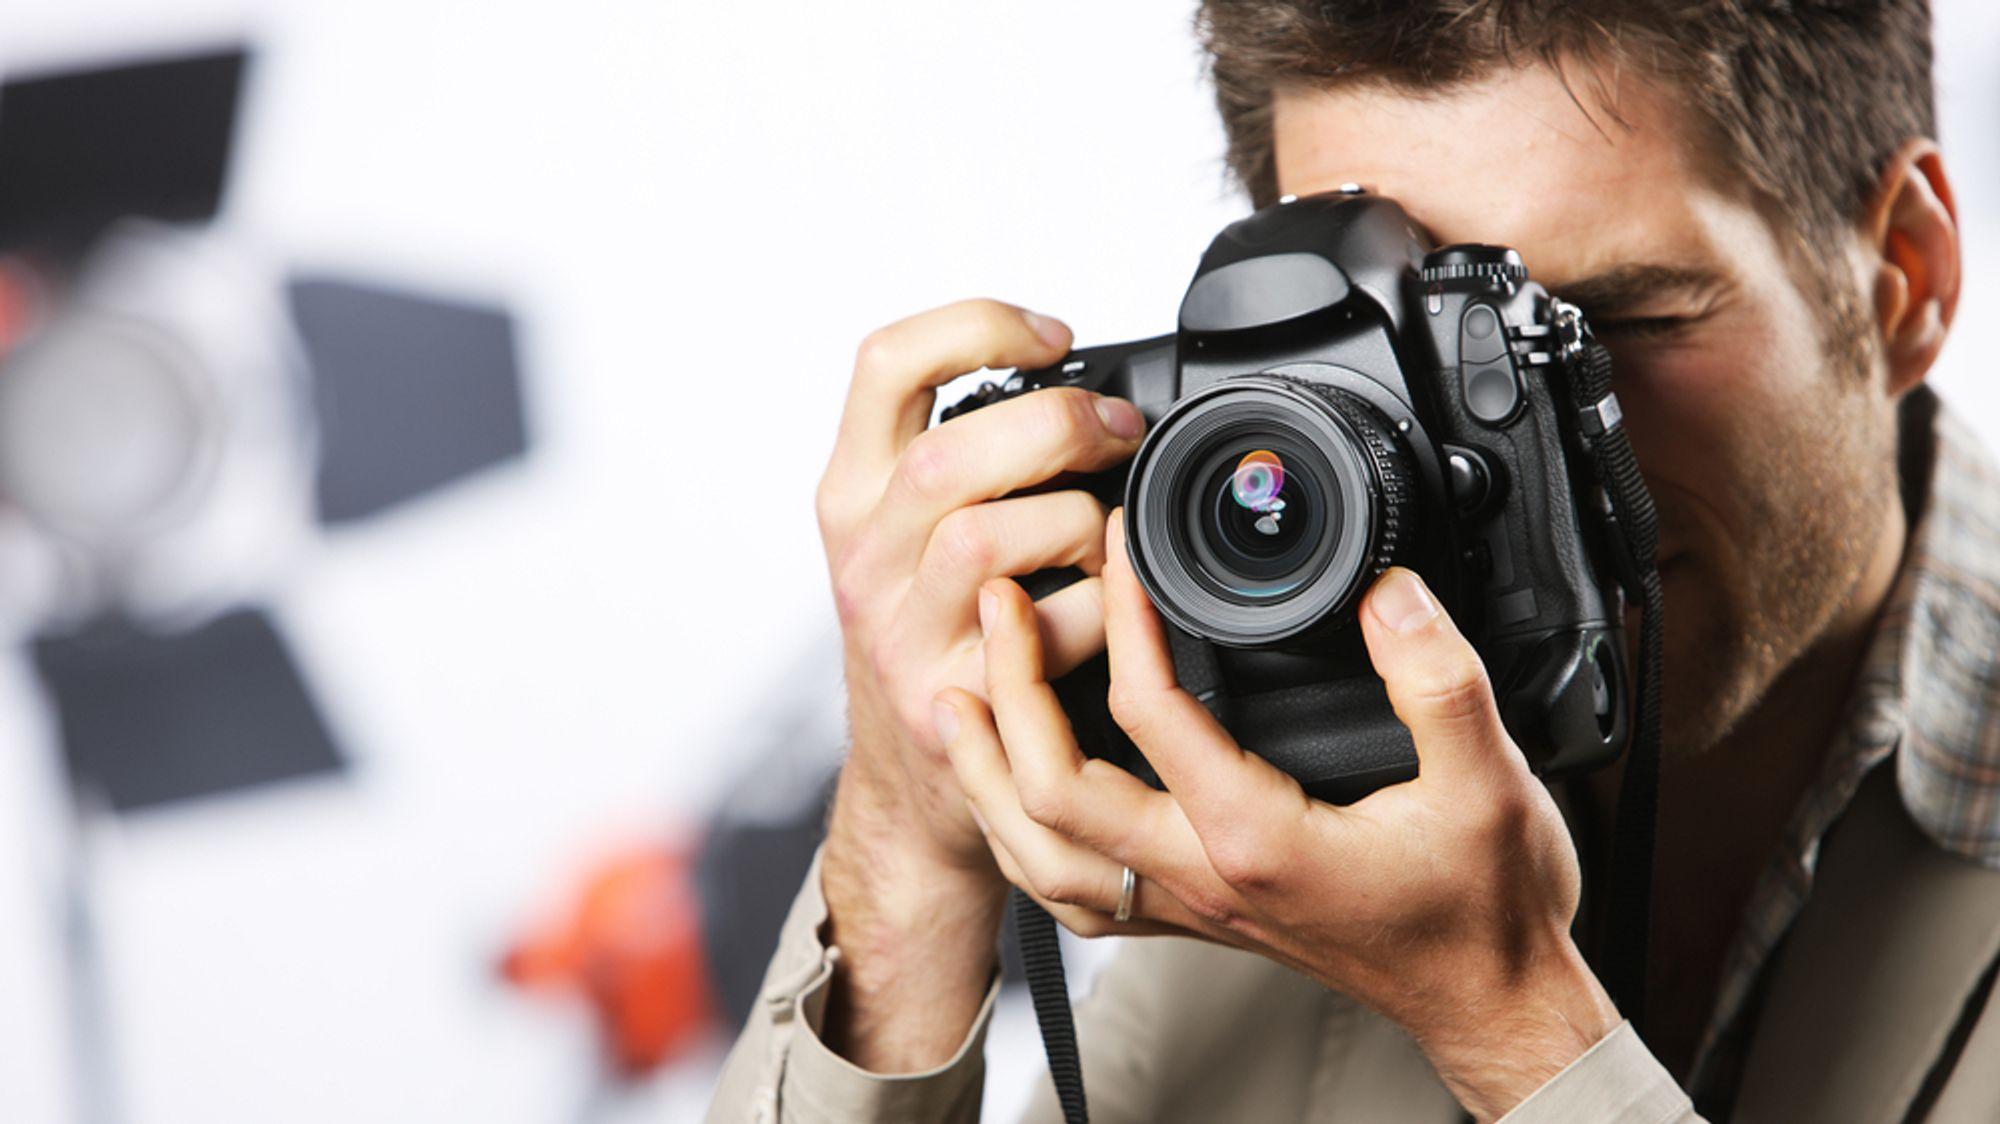 Hva vil du lære om fotografering?